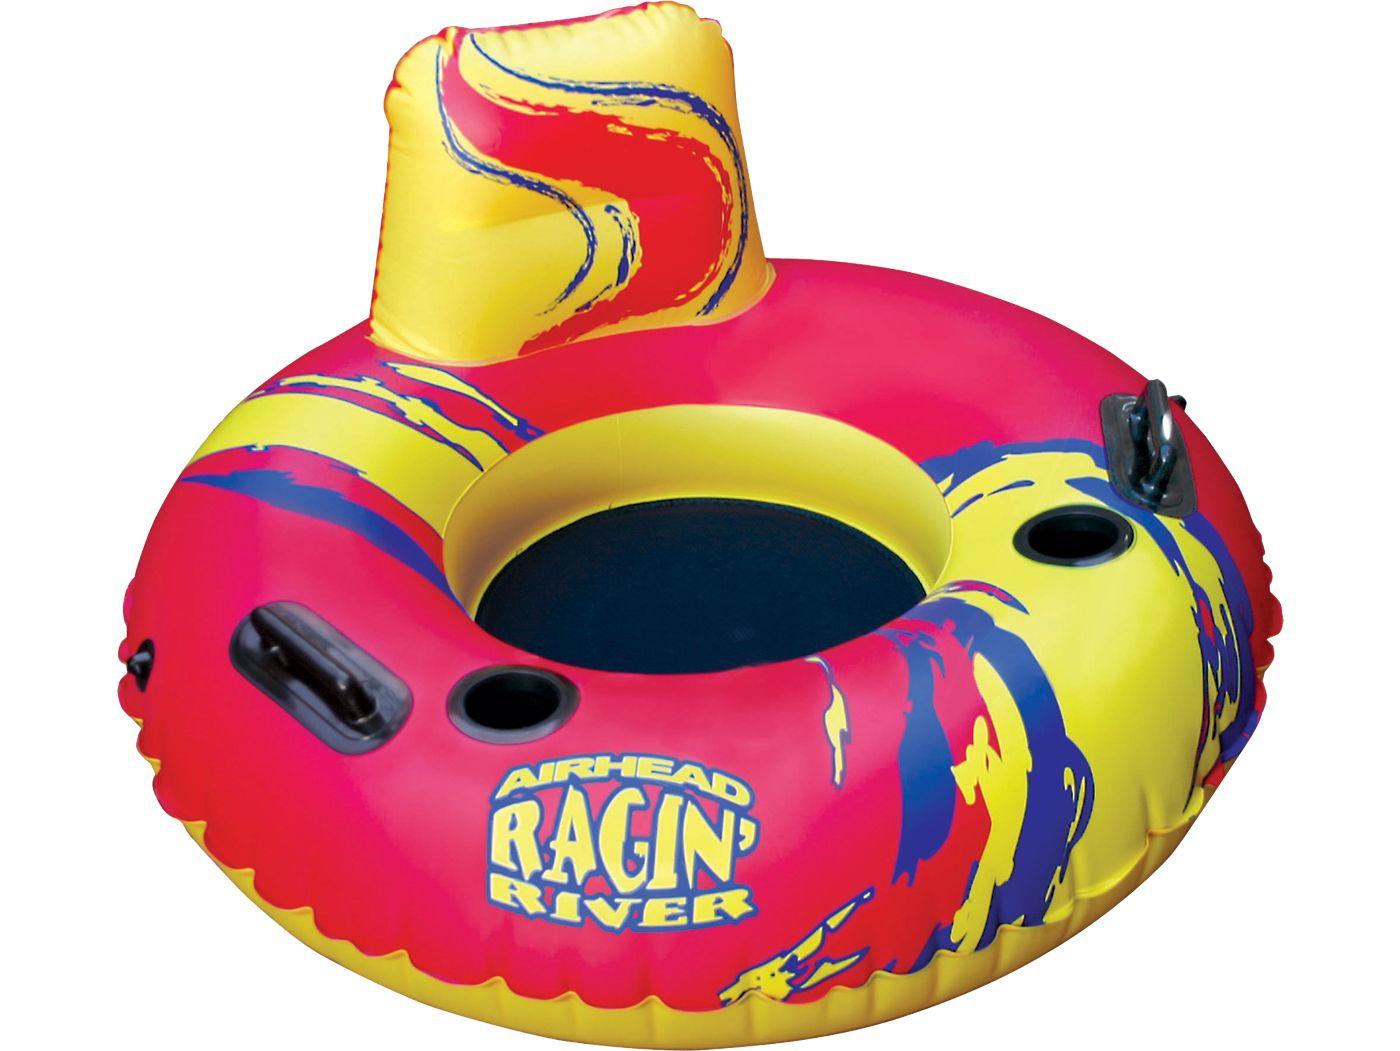 Airhead Ragin' River Tube